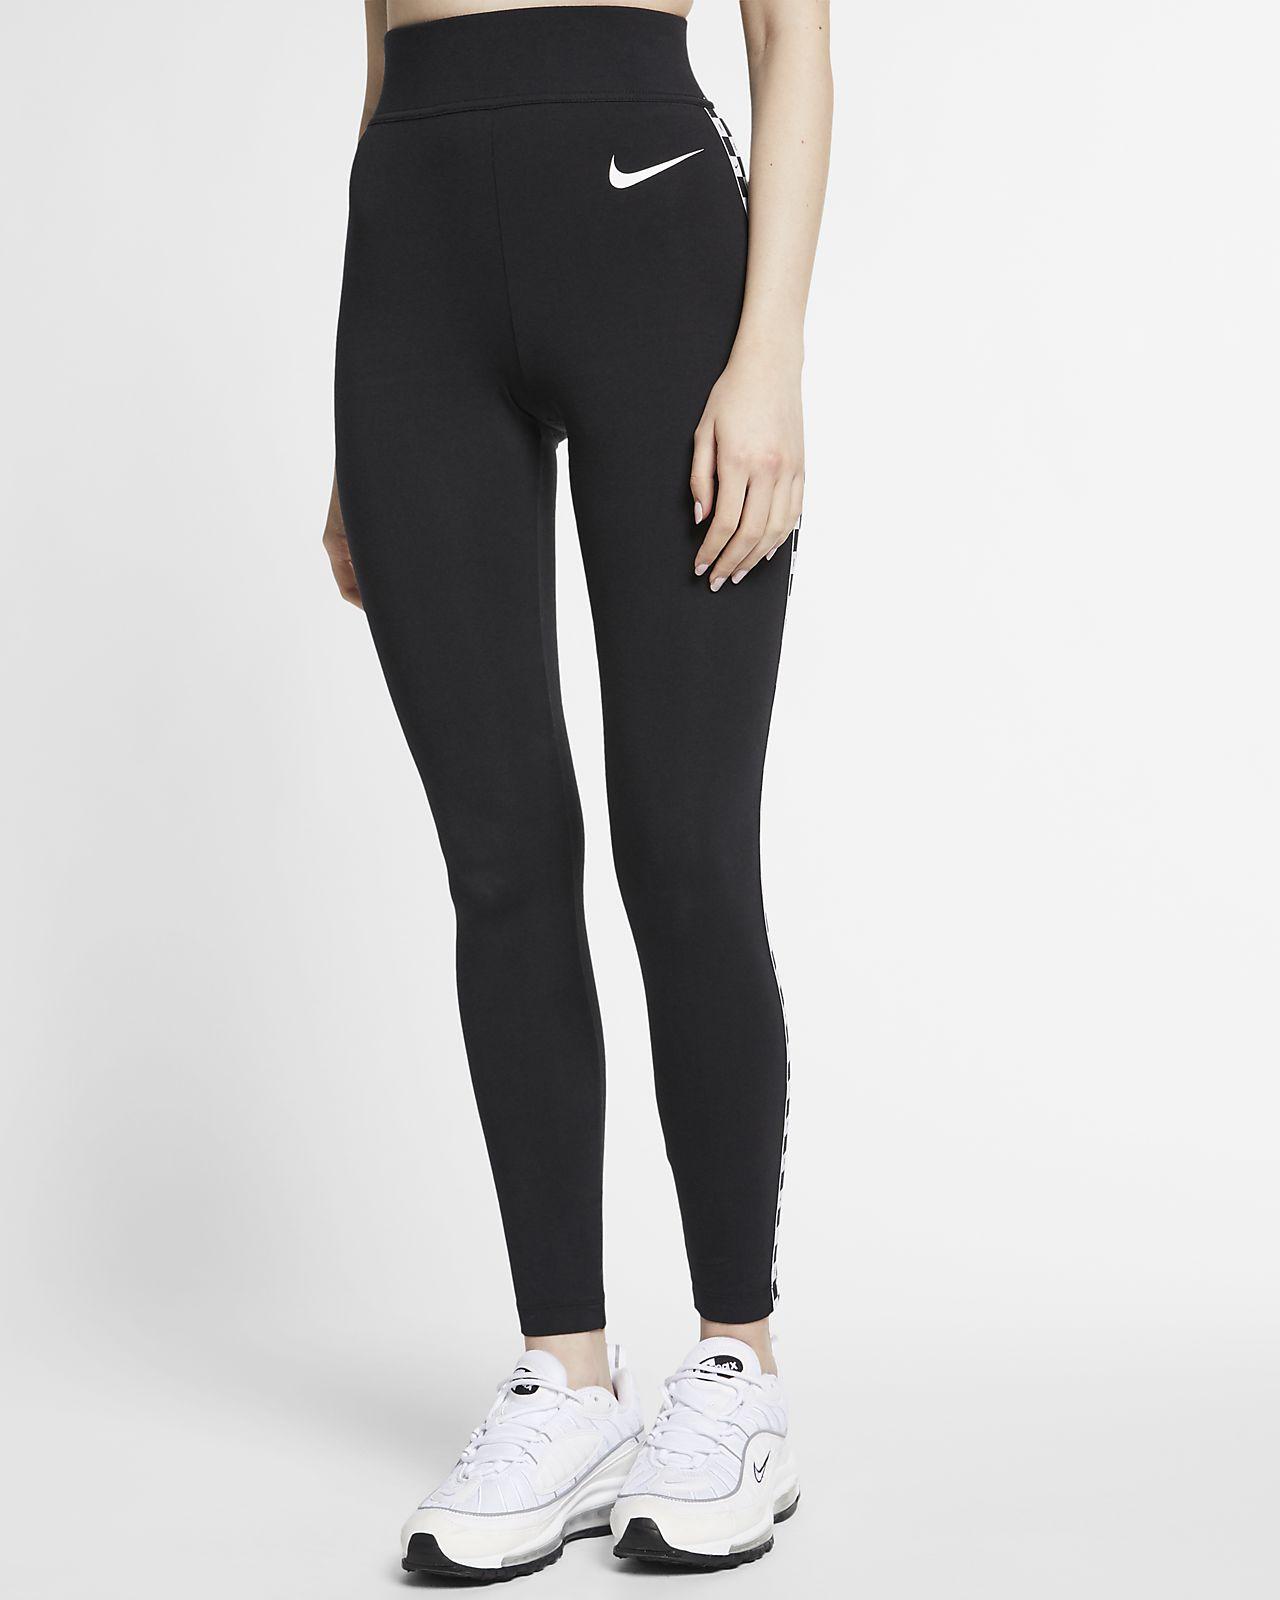 Nike Sportswear Women's Graphic Leggings